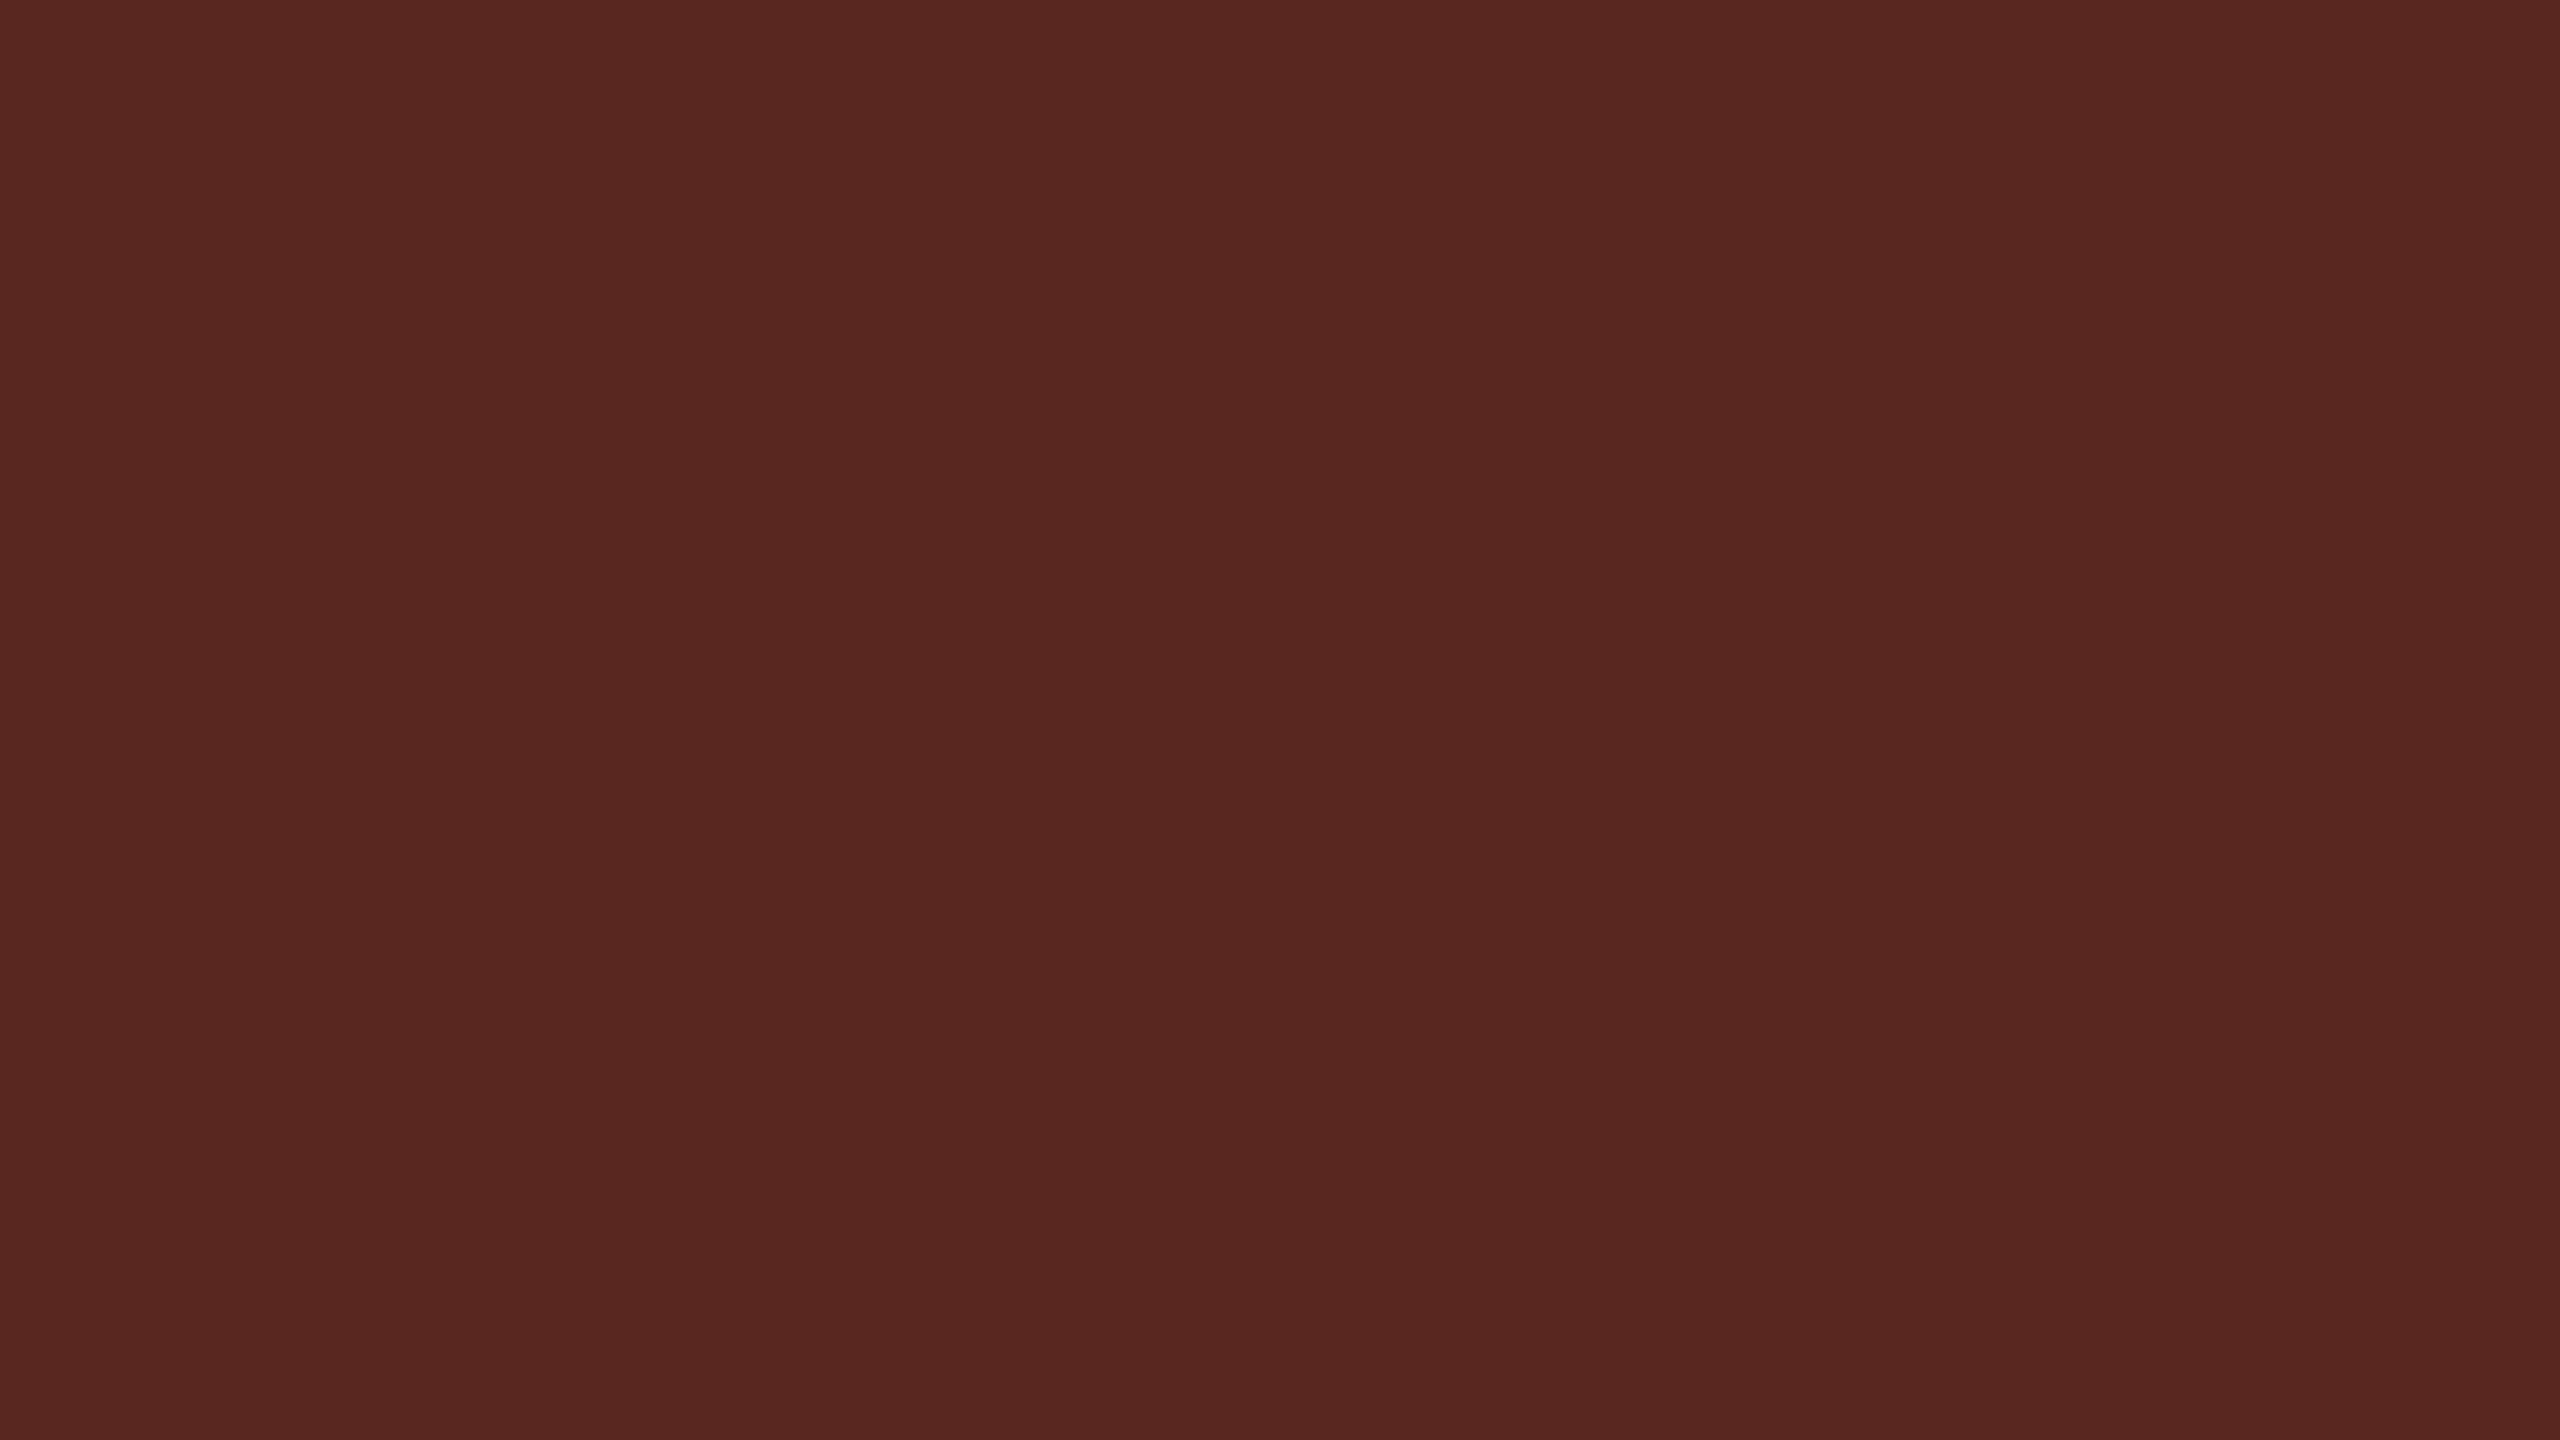 2560x1440 Caput Mortuum Solid Color Background